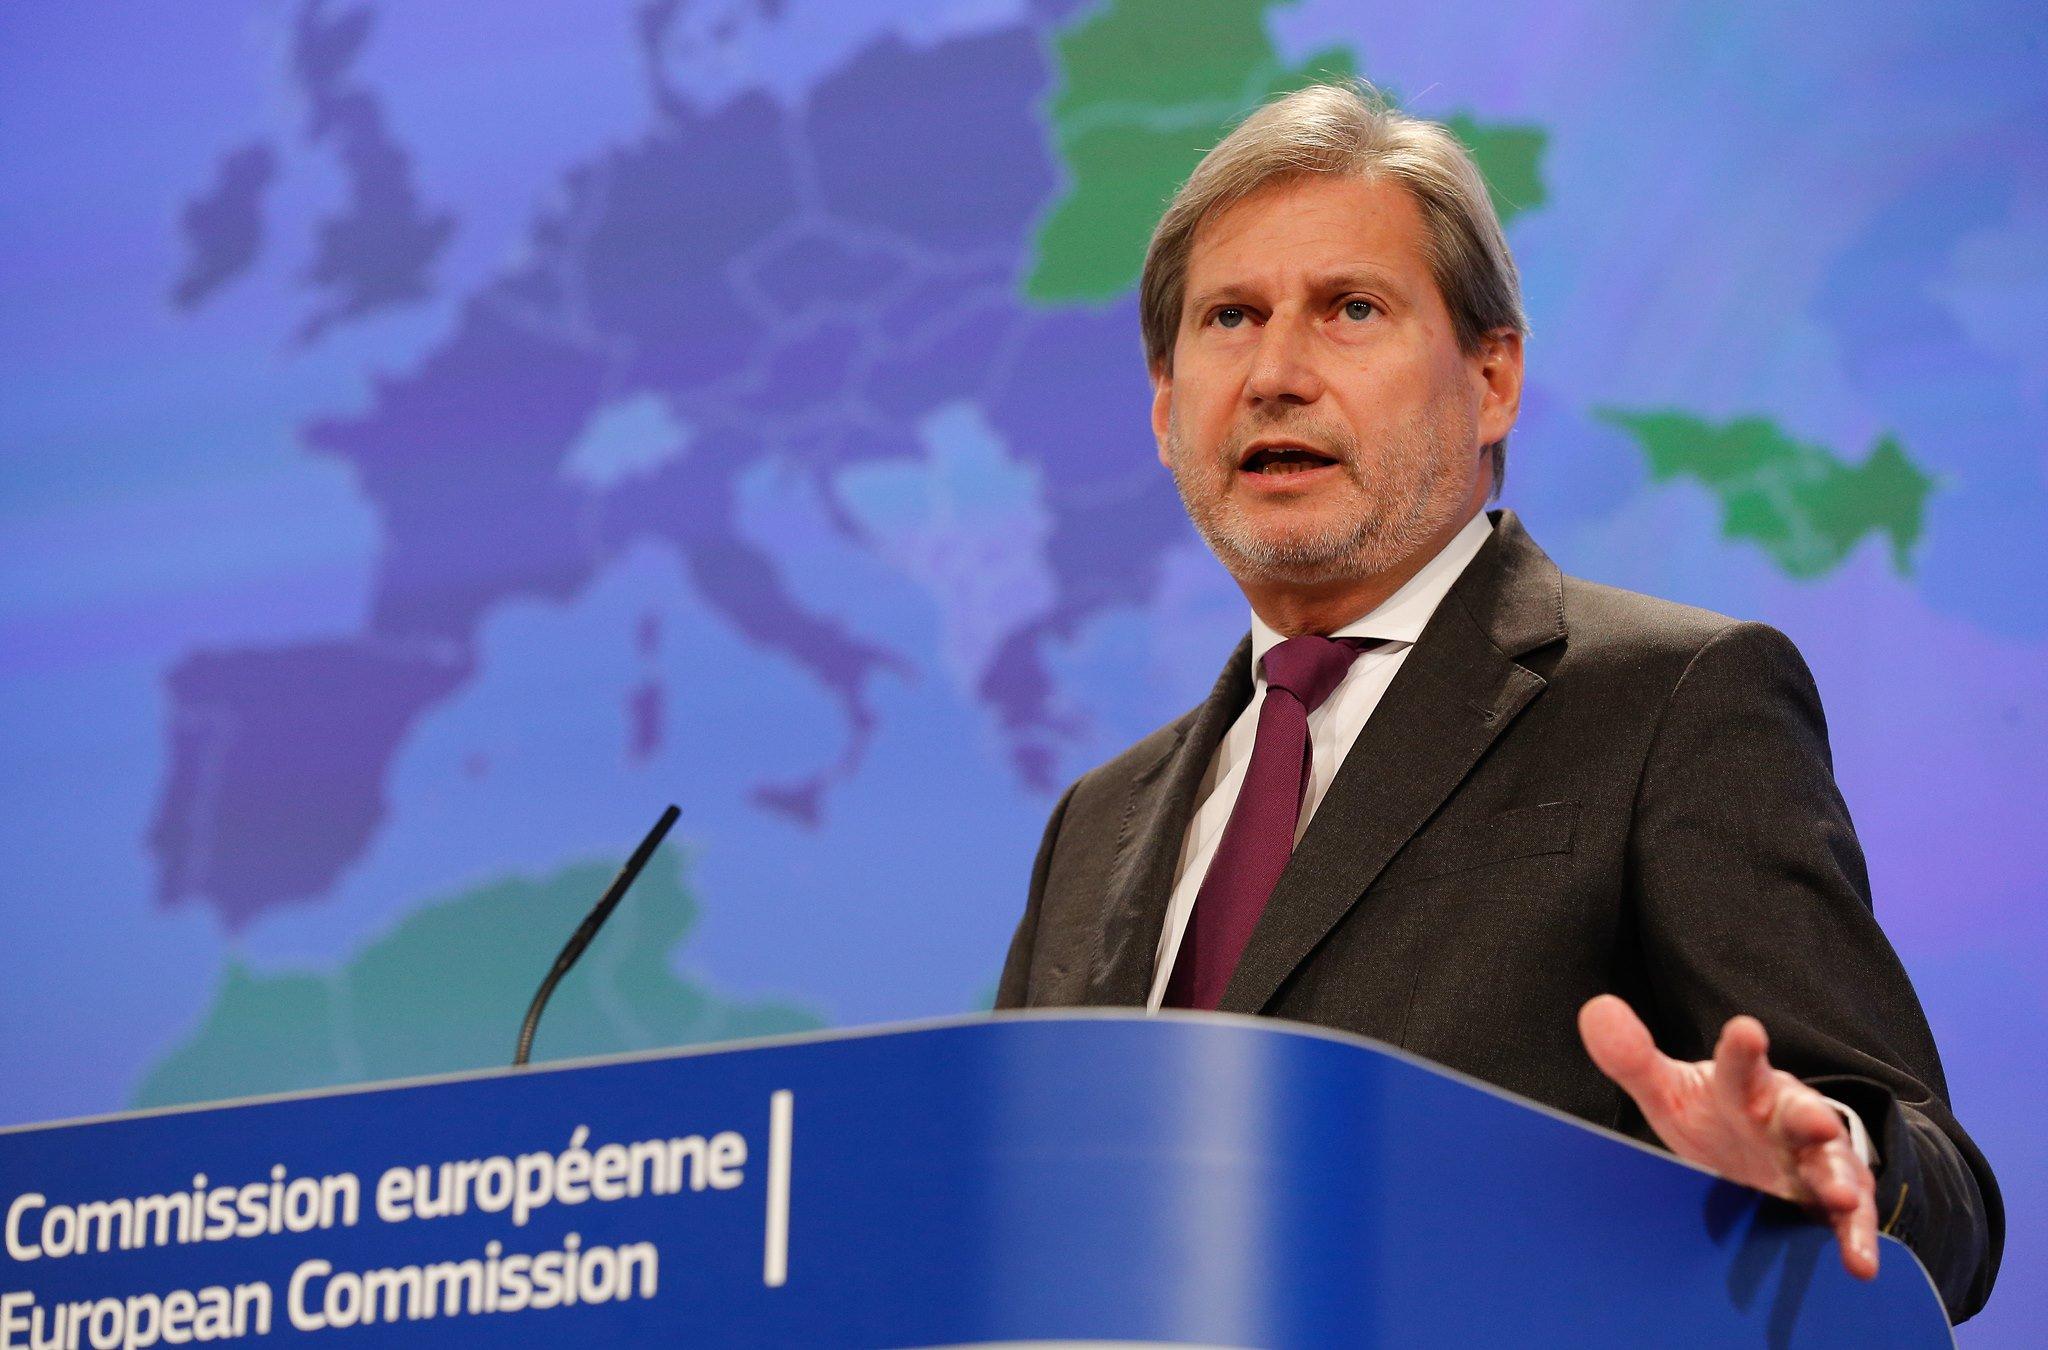 Ο Johannes Hahn καταδικάζει τις πράξεις βίας στην Αλβανία